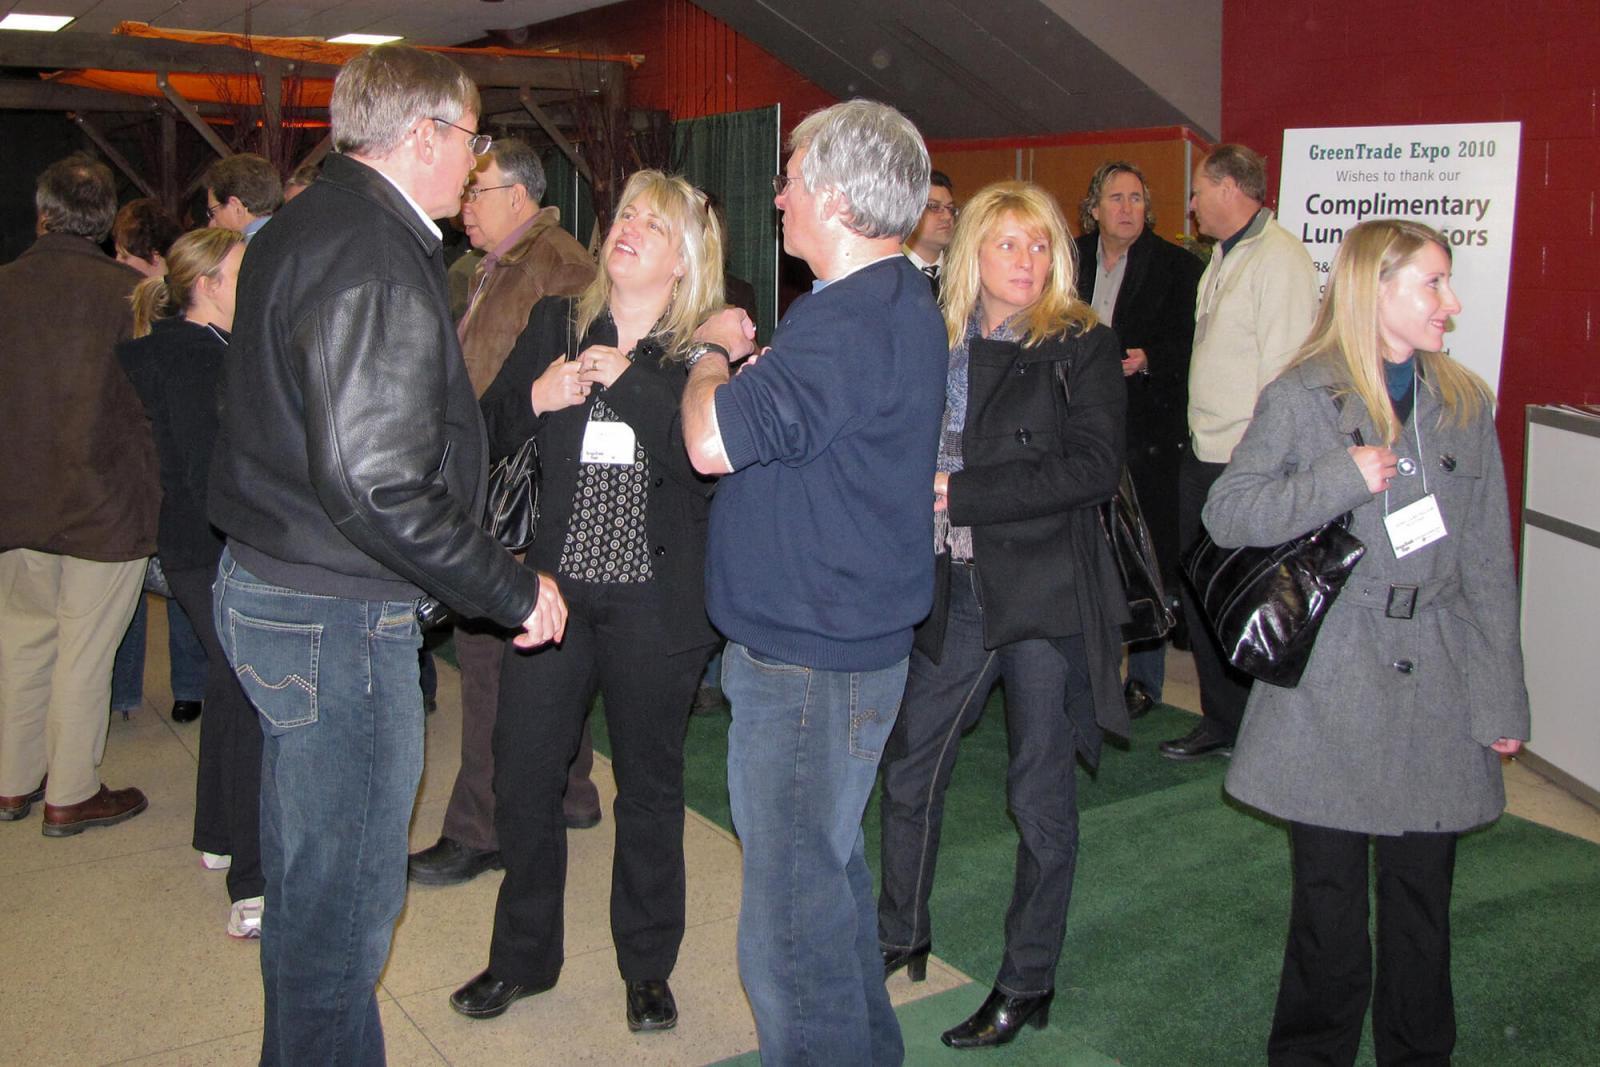 Ottawa industry shines at GreenTrade 2010